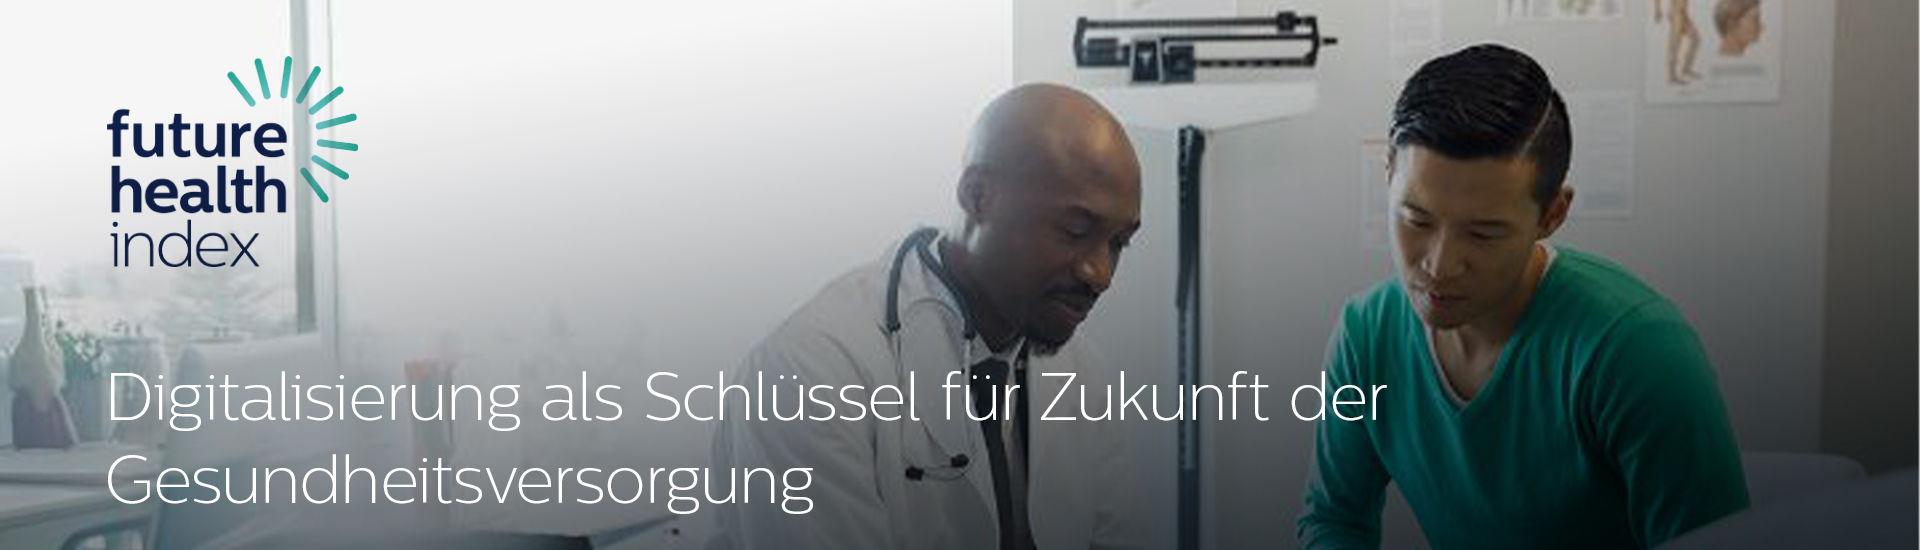 Digitalisierung als Schlüssel für die zukünftige Gesundheitsversorgung